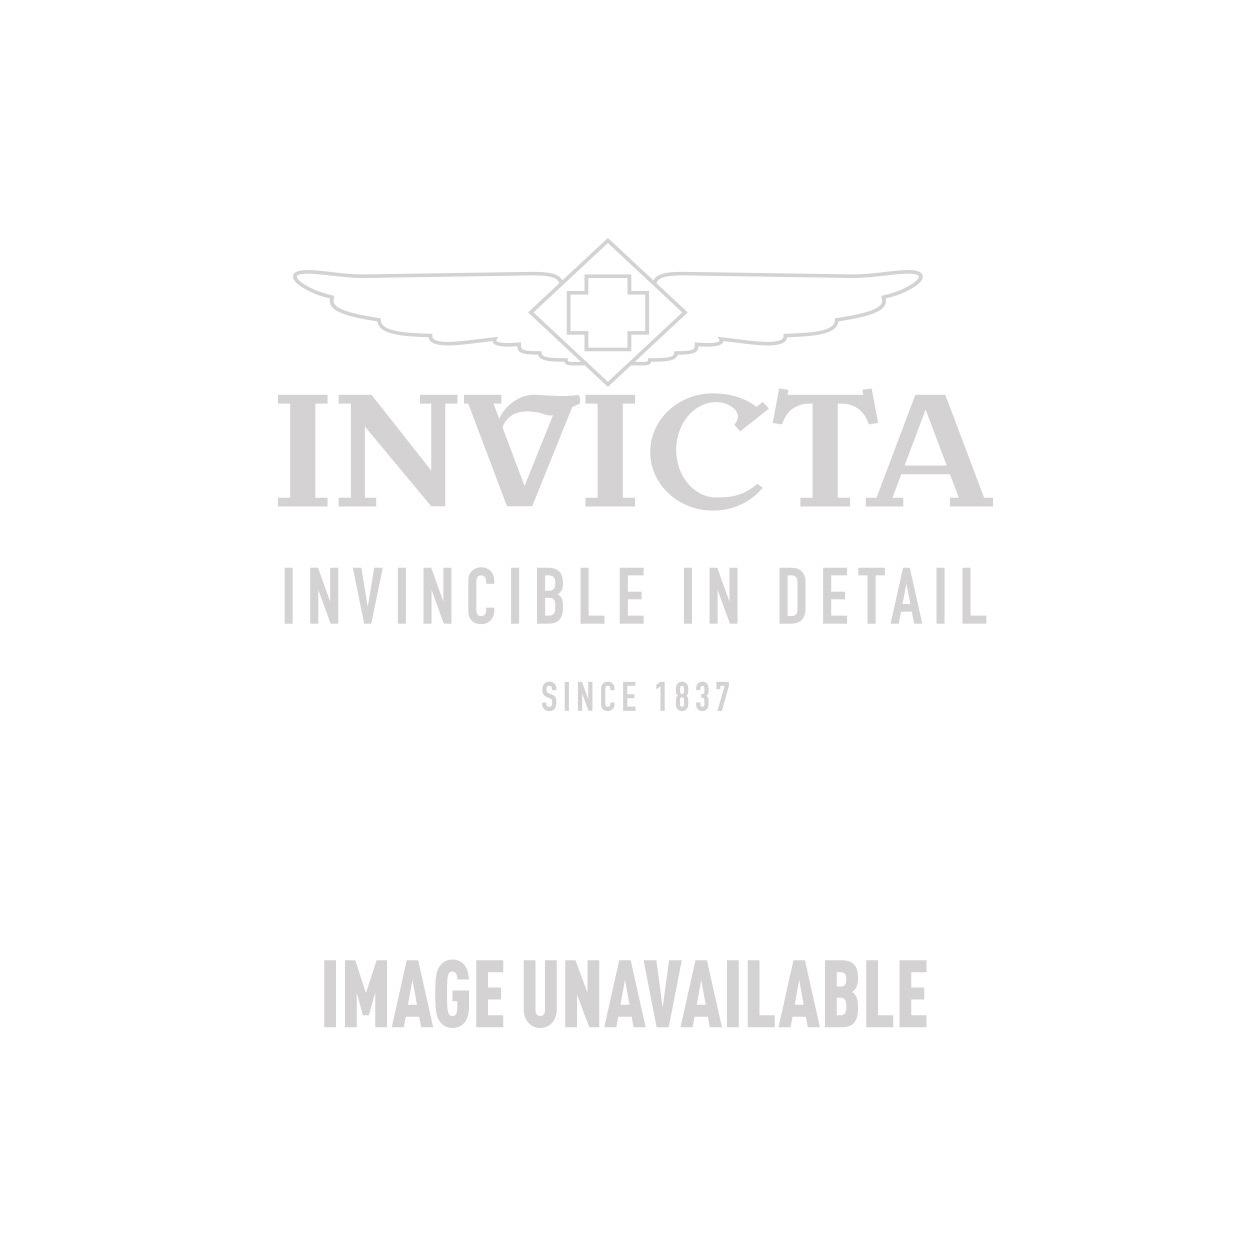 Invicta Model 28723